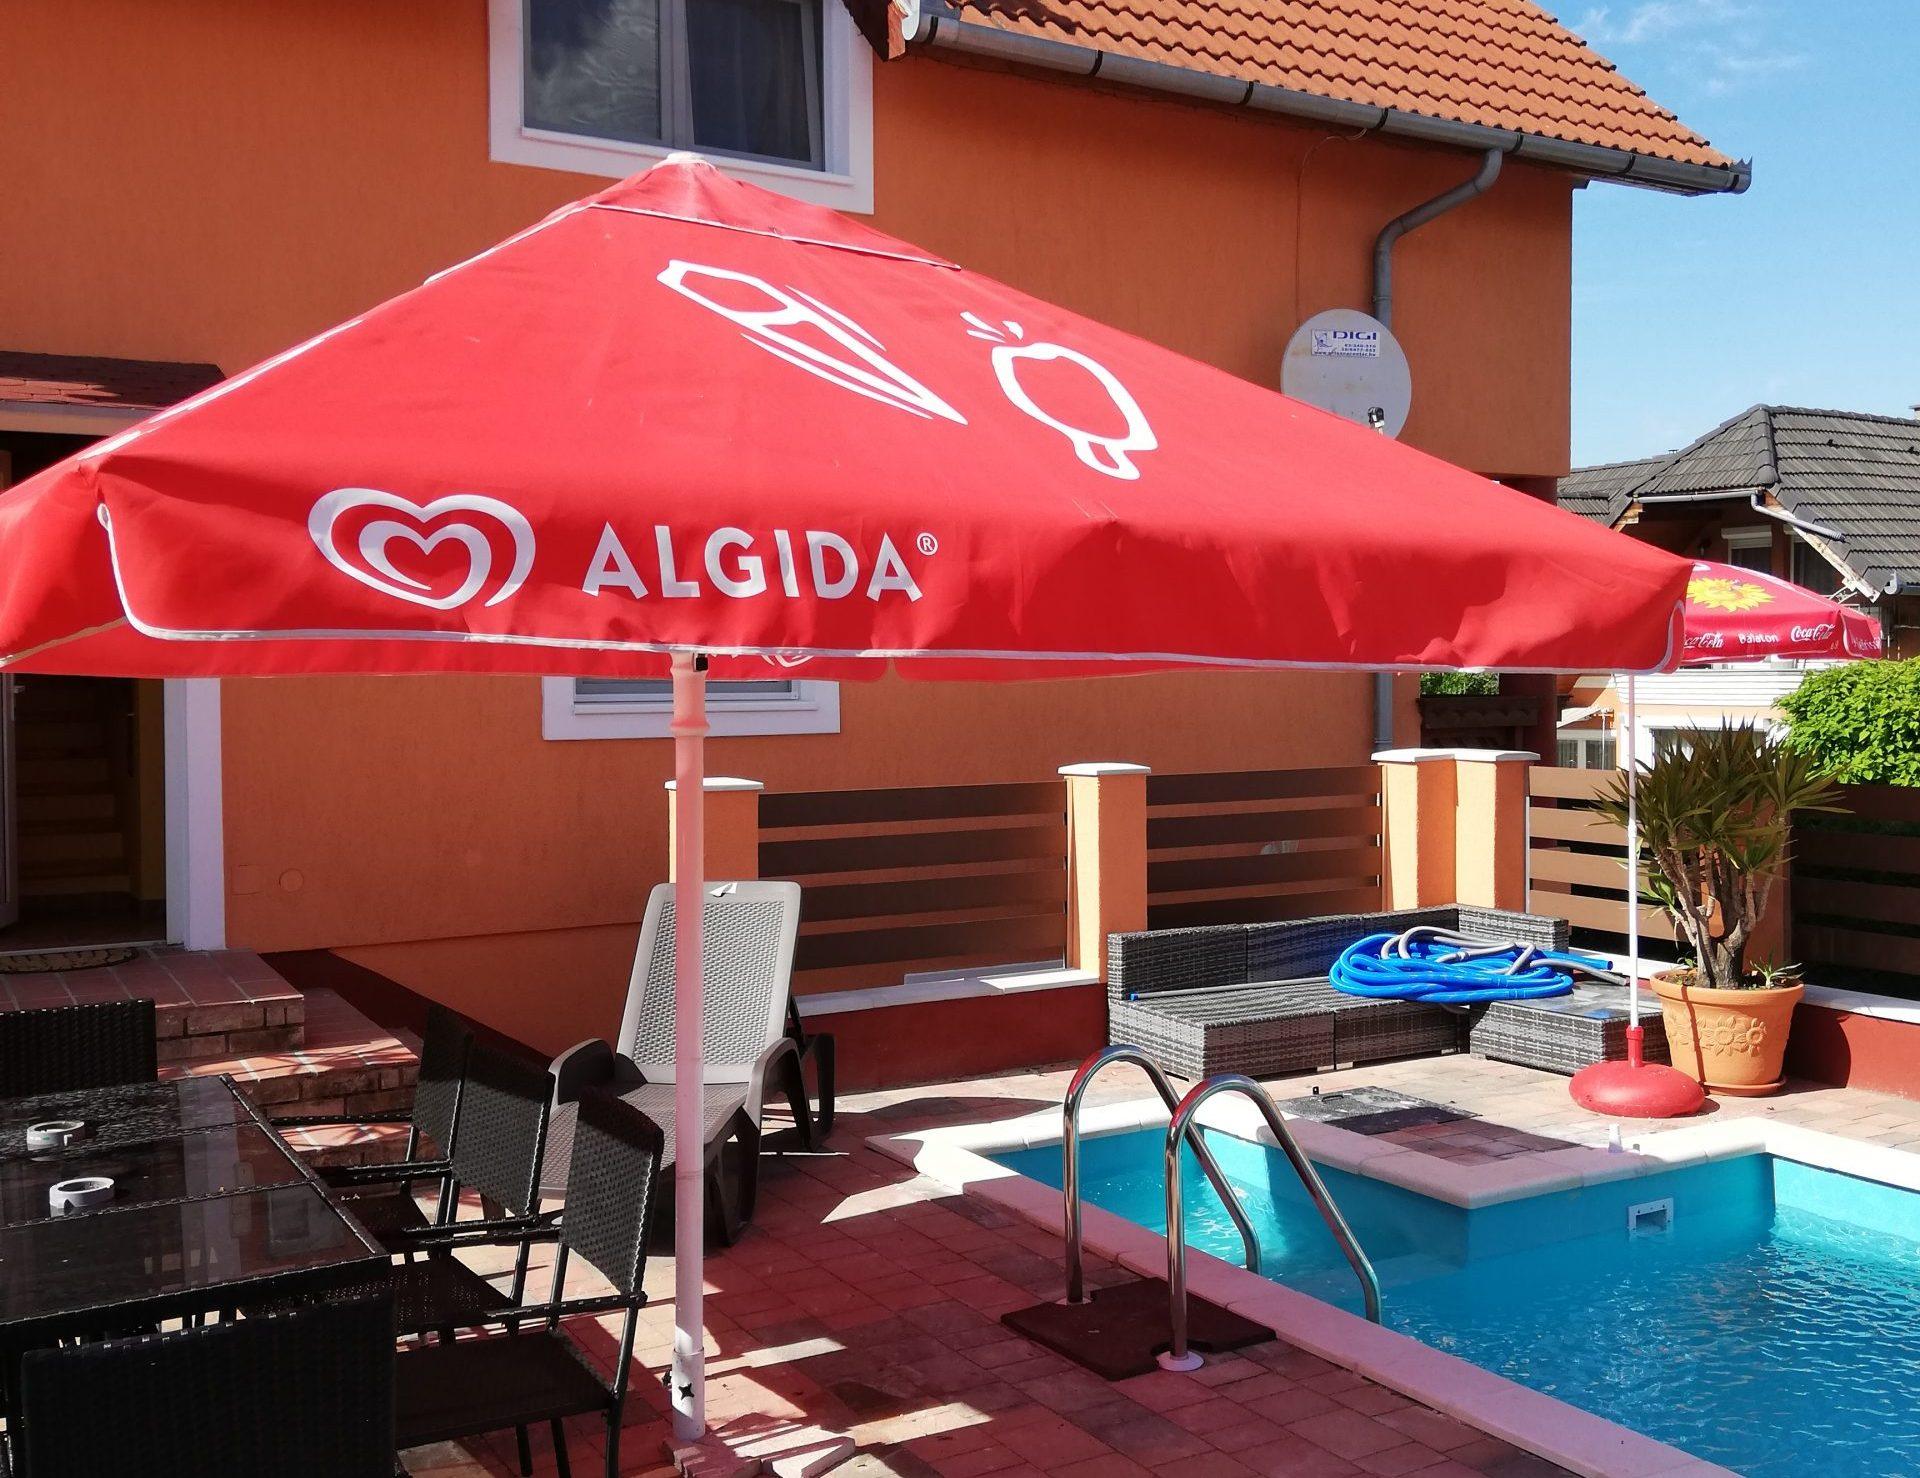 Objekt 105A  Ferienwohnung mit Pool, Wlan, Klima, Waschmaschine für 4 Personen